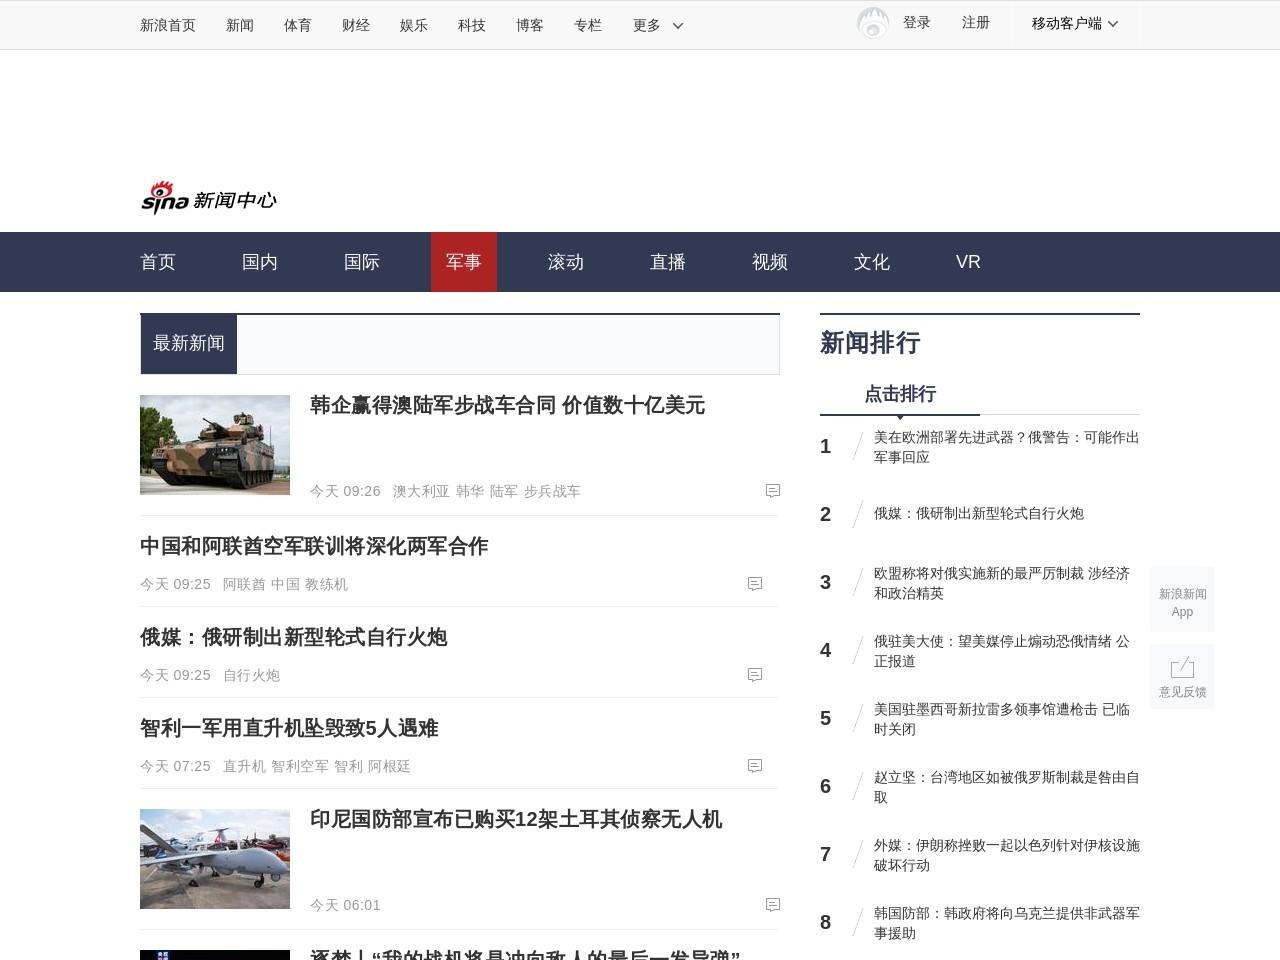 中国QBZ191新步枪现在就开始